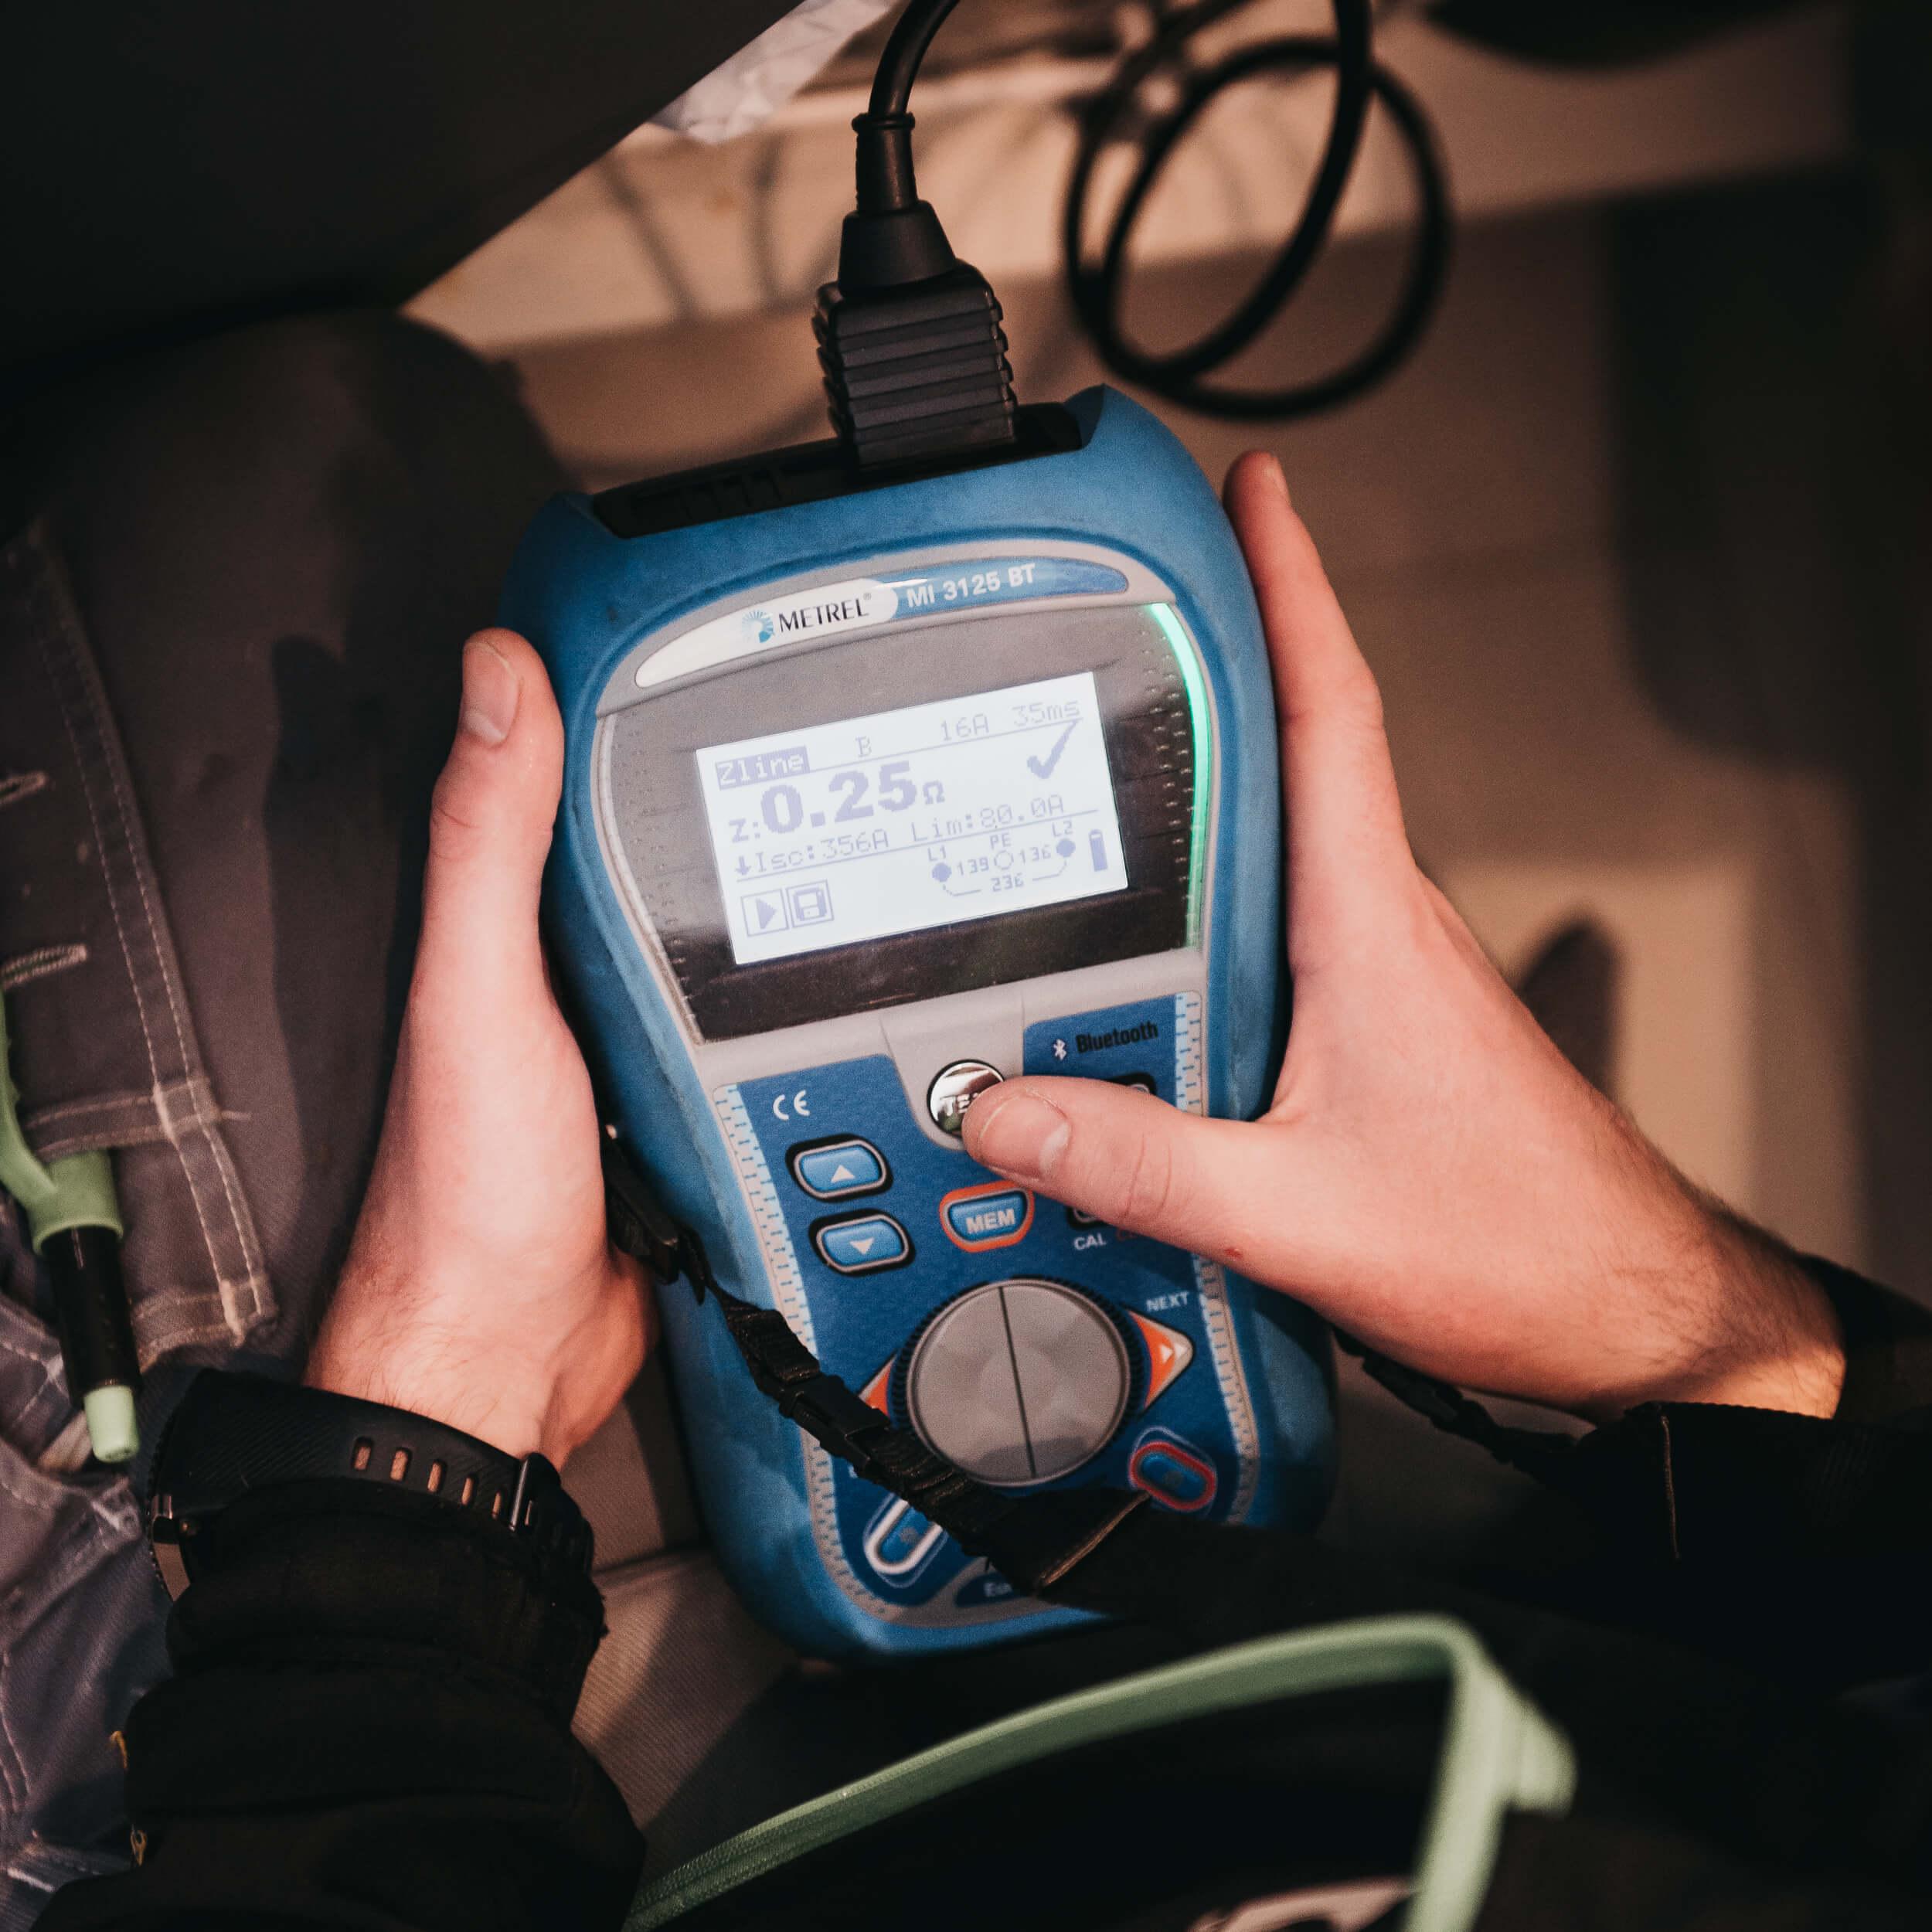 Elektriker bruker strøm-måler til å kontrollere stikkontakt.